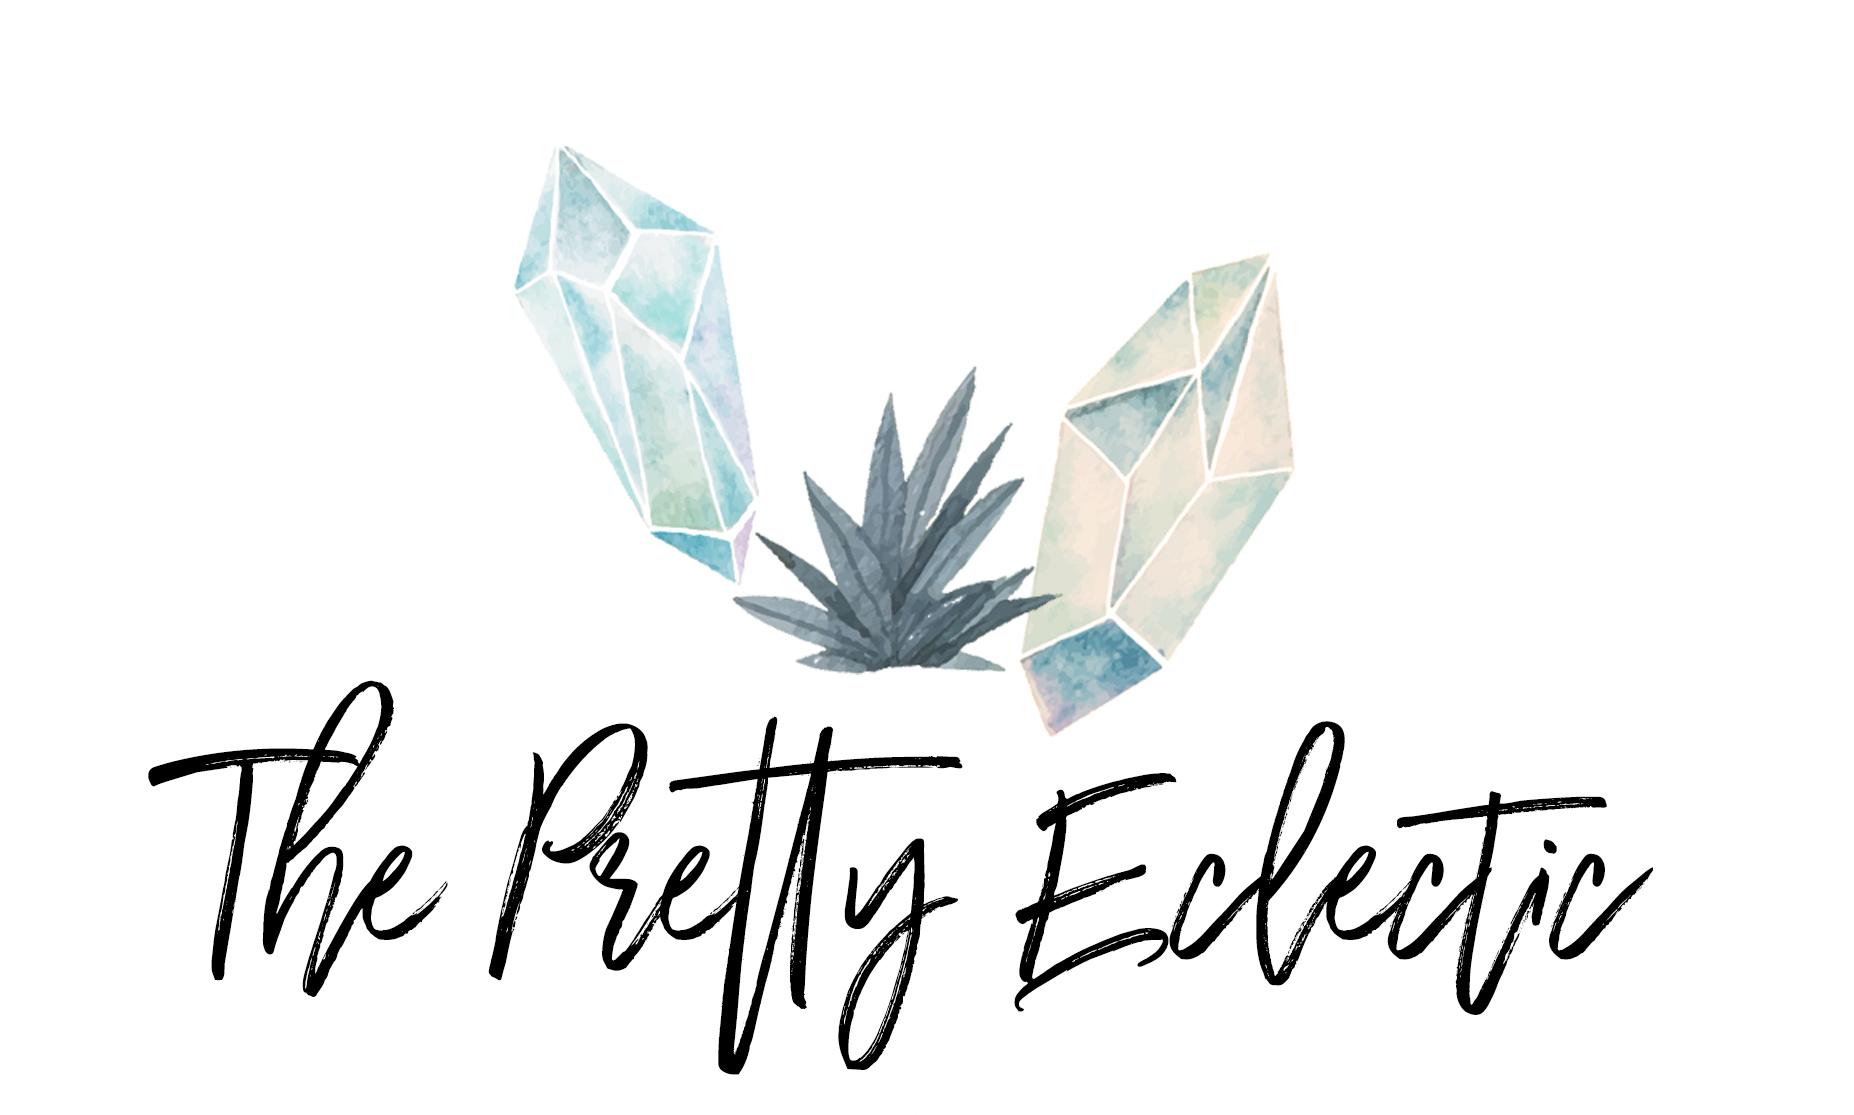 TPE_logo_design.jpg